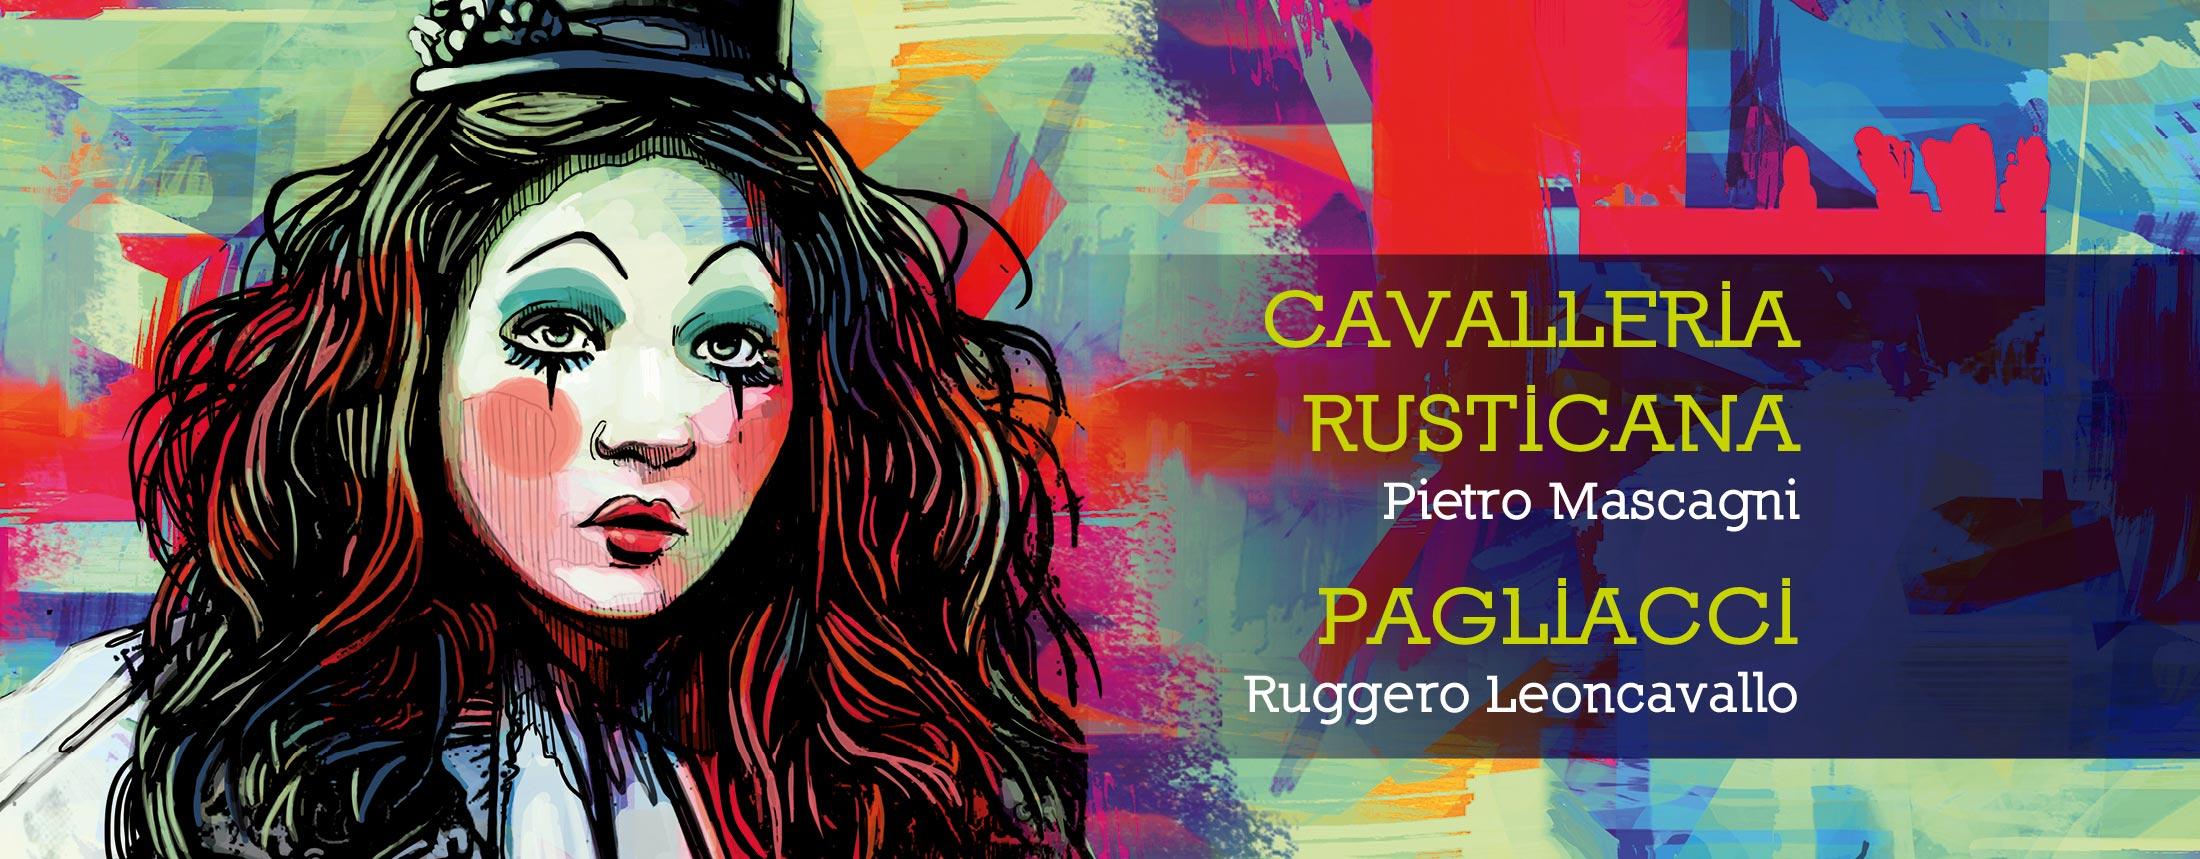 TCBO_2200x859-Cavalleria-Pagliacci_0918